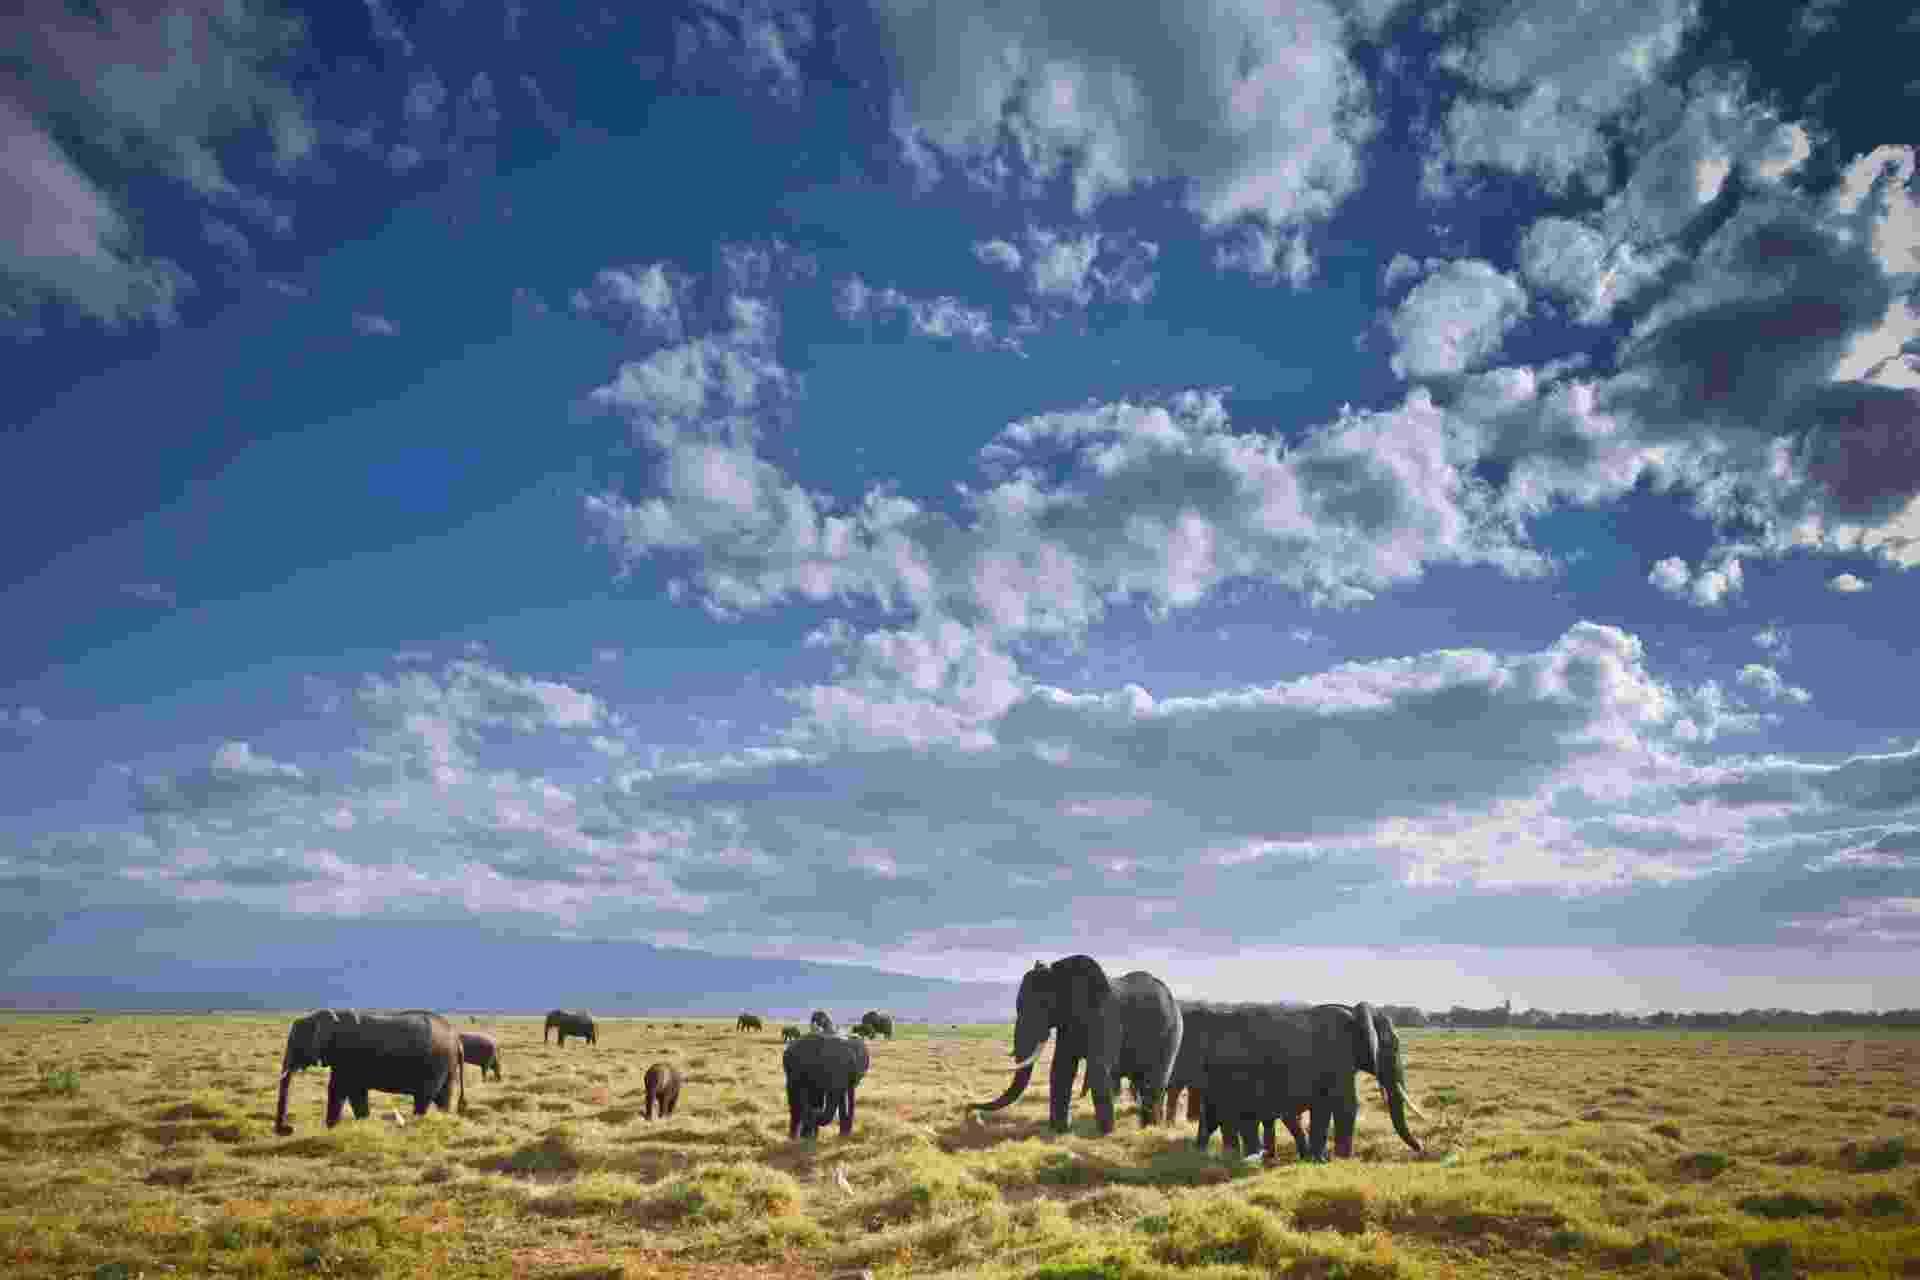 9.out.2013 - Serviço de Vida Selvagem do Quênia (KWS, na sigla em inglês) começou a fazer uma contagem aérea de elefantes e outros mamíferos de grande porte que vivem no Parque Nacional de Amboseli, a oeste do Monte Kilimanjaro, e às margens dos lagos Natron e Magadi. Junto com órgãos da Tanzânia e ONGs sediadas na África, o intuito da agência queniana é estabelecer a quantidade da população desses animais para ajudar as autoridades a elaborarem políticas para o cuidado e a gestão do ecossistema - Dai Kurokawa/Efe